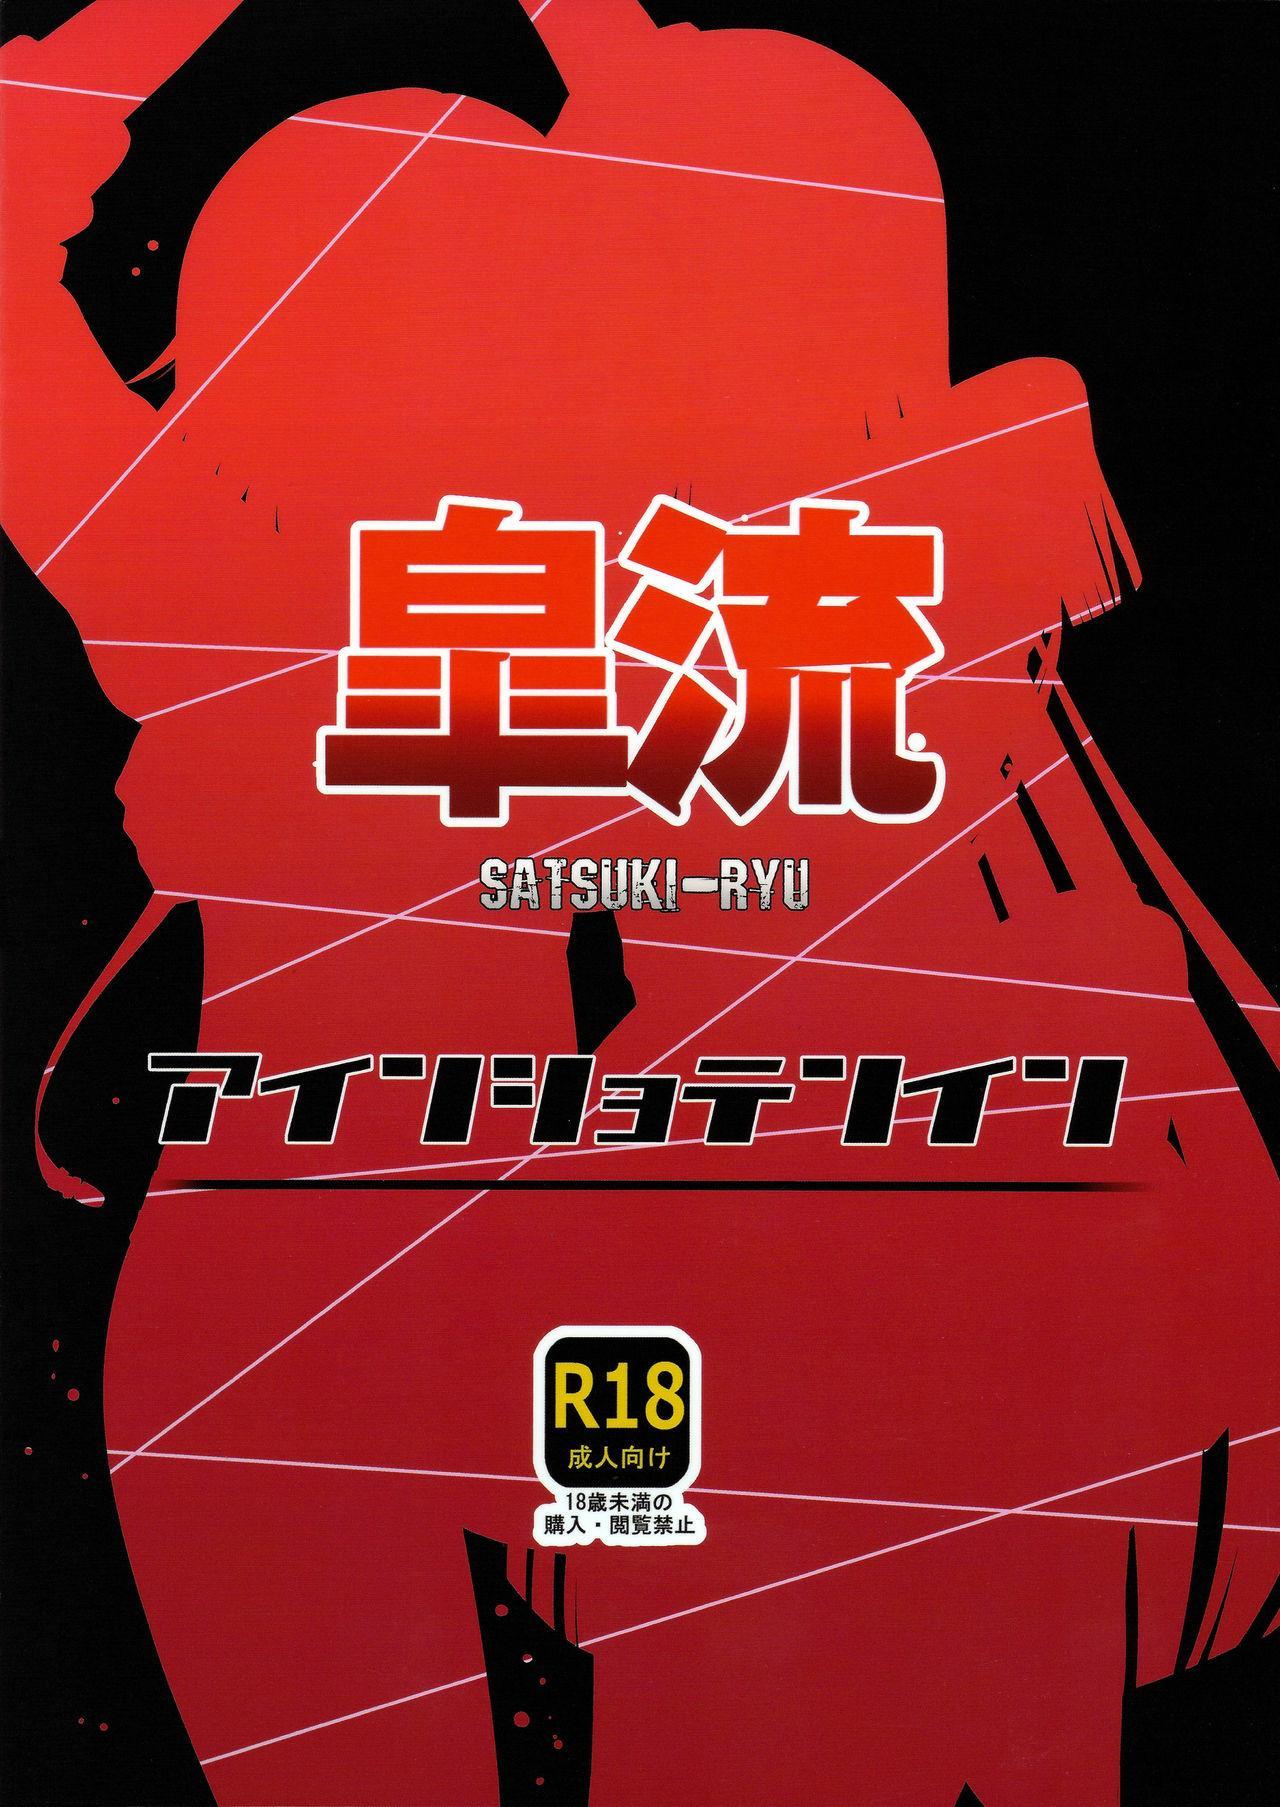 Satsuki-Ryu 2